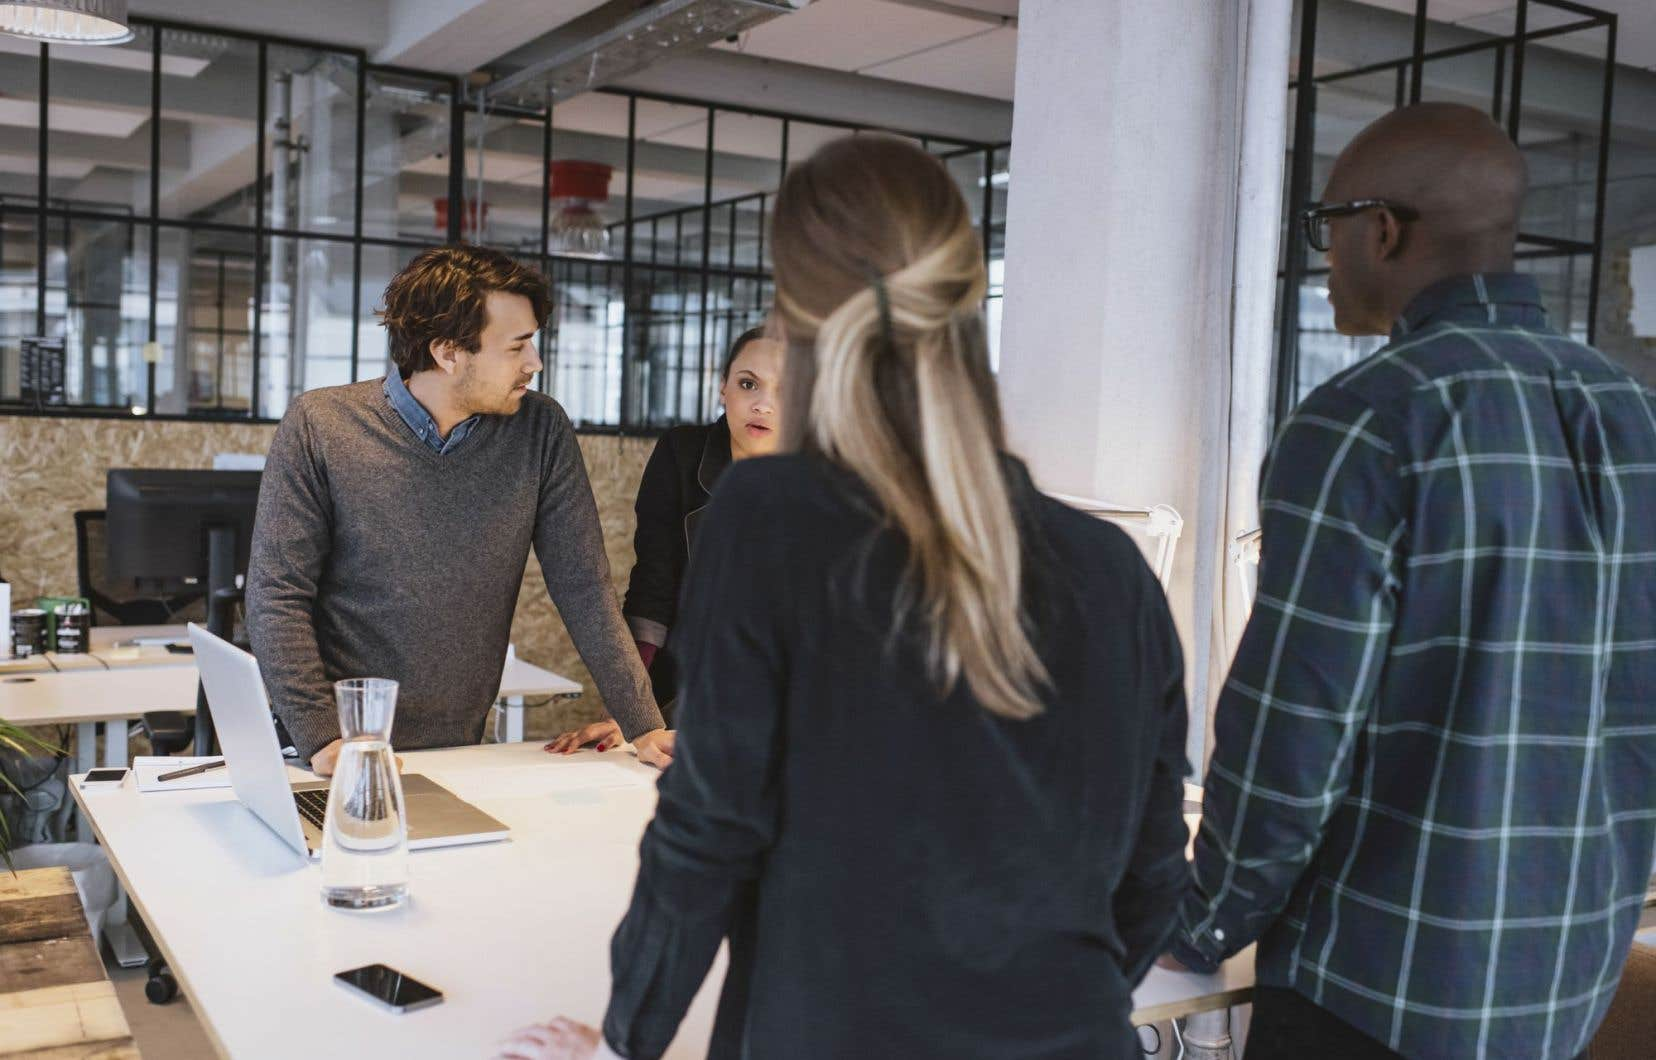 L'anglais est très présent dans le monde de l'entrepreneuriat, particulièrement dans le secteur technologique.